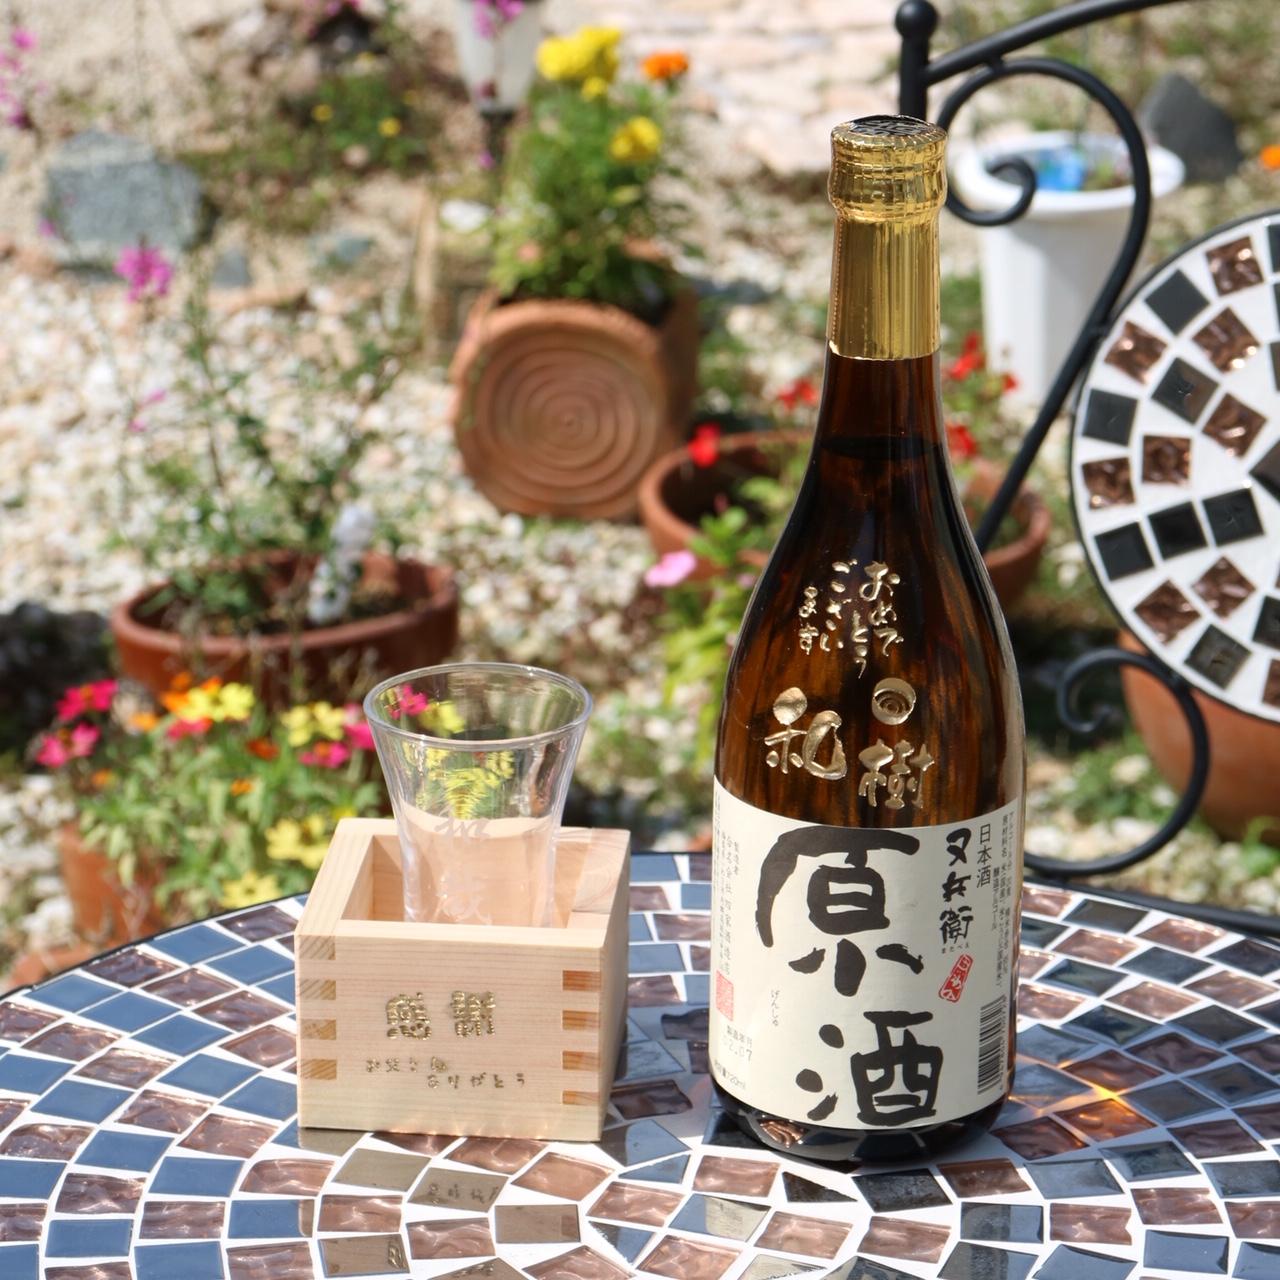 福島県の日本酒をひのき香る枡で呑みましょう♬